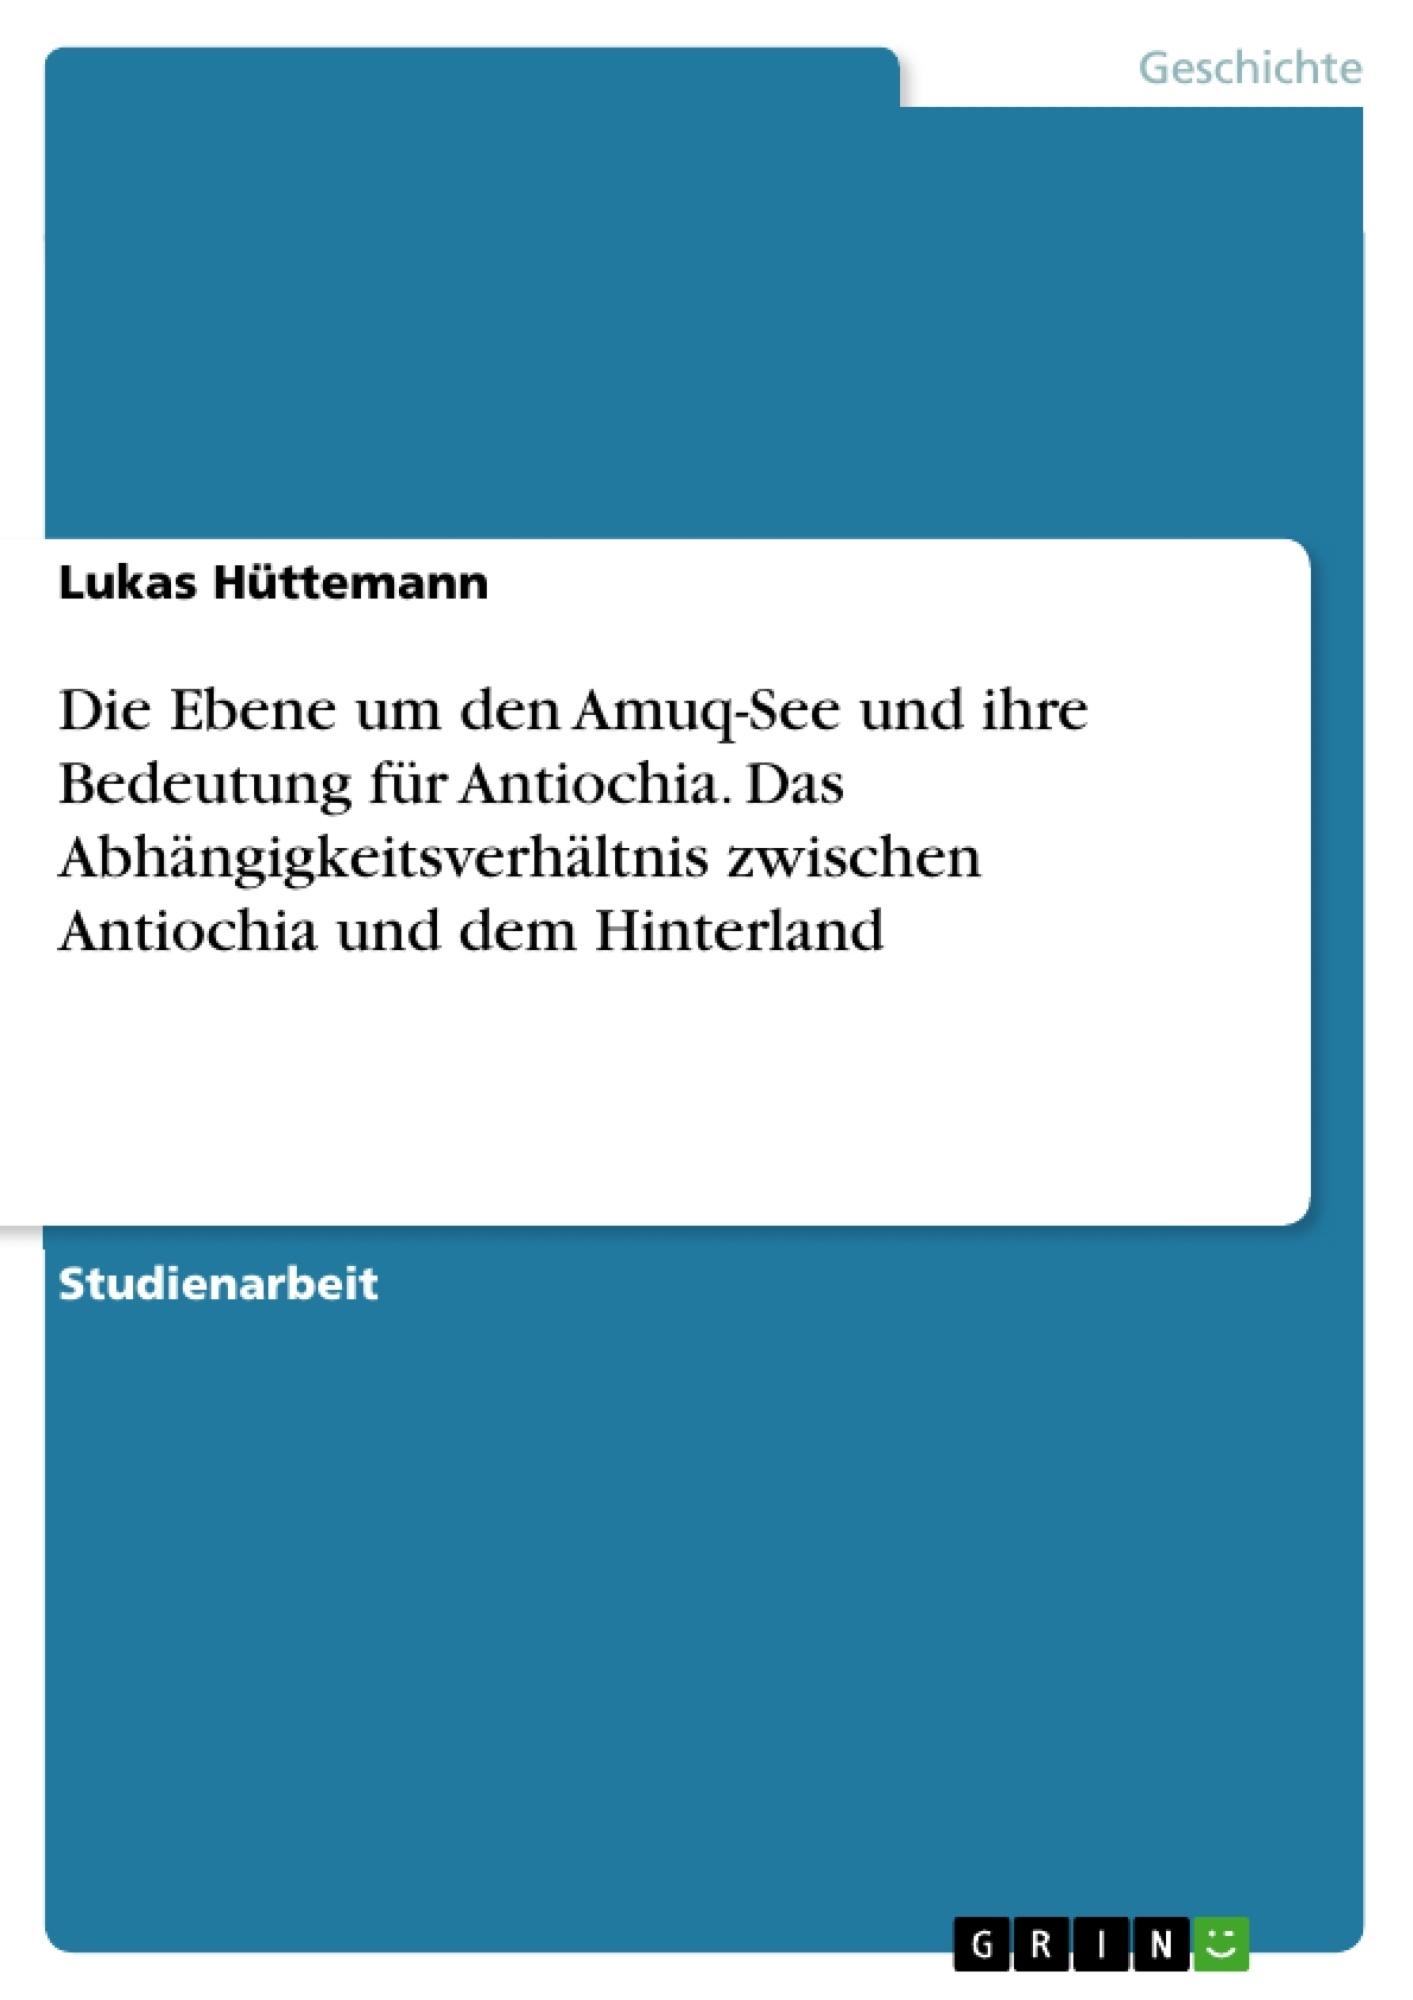 Titel: Die Ebene um den Amuq-See und ihre Bedeutung für Antiochia. Das Abhängigkeitsverhältnis zwischen Antiochia und dem Hinterland